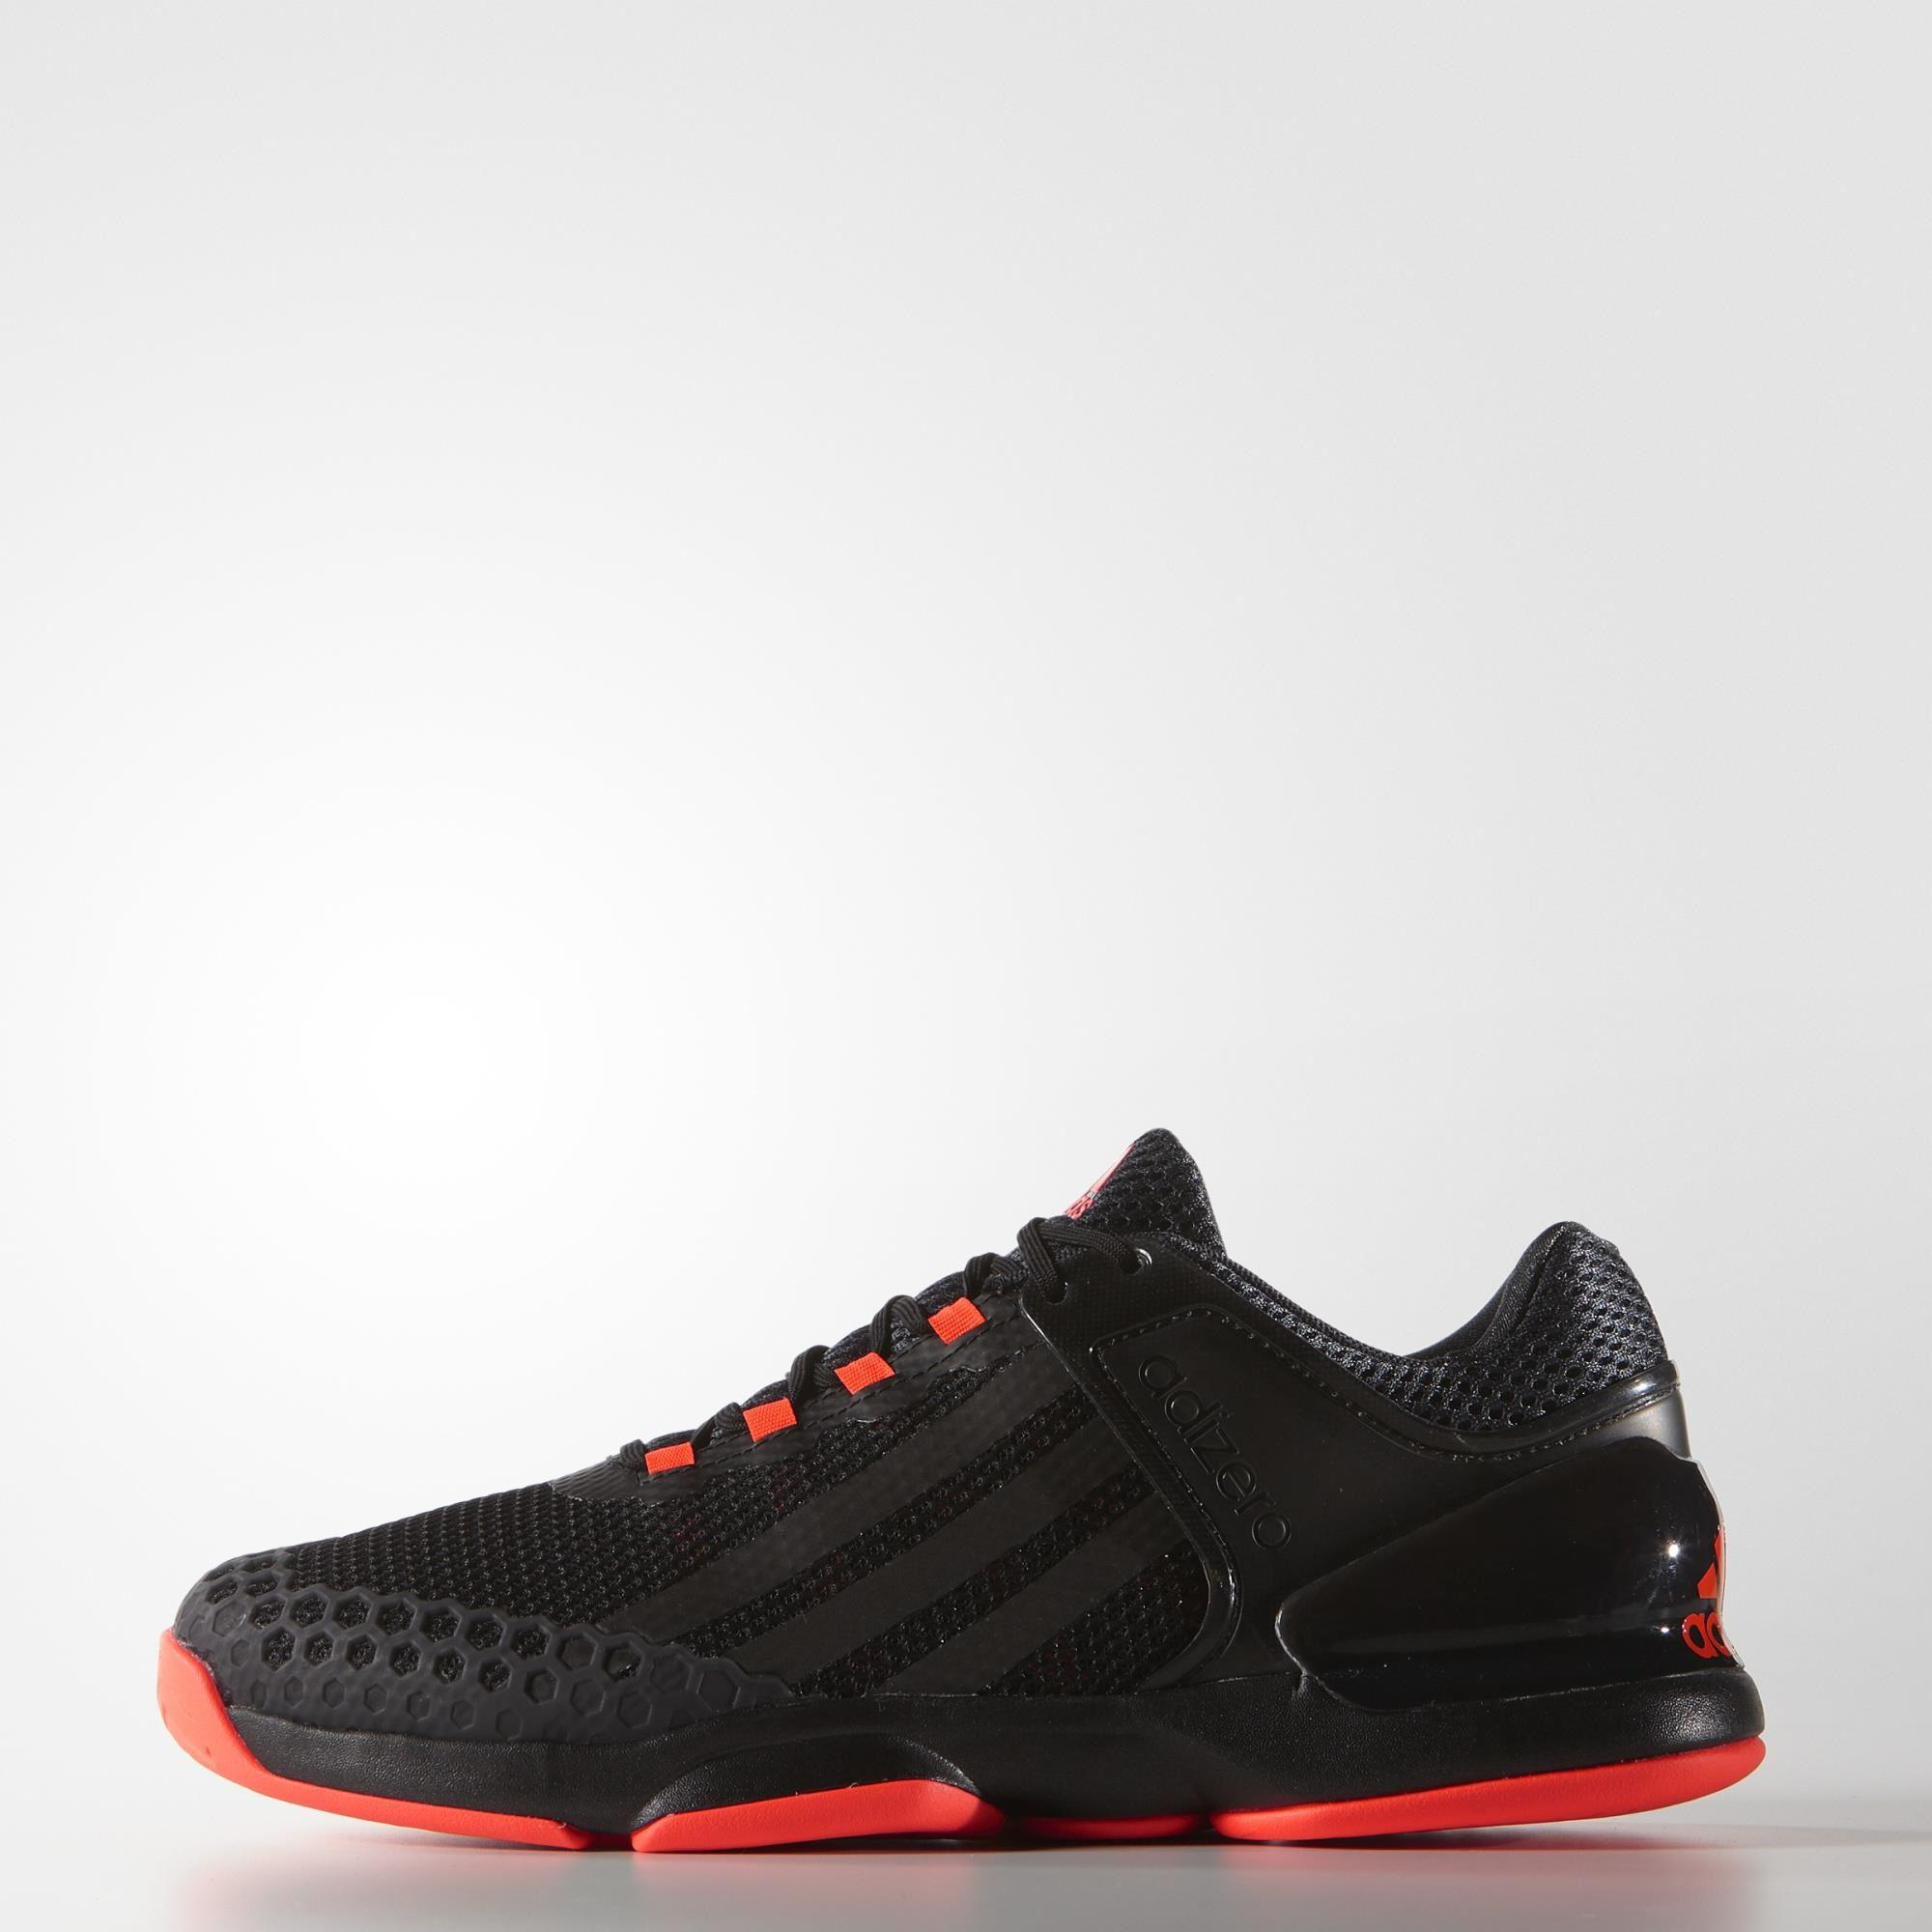 Ubersonic Yi7fy6bgvm Adidas Adizero Tennis Blackred Mens Shoes SqUGVpLzM